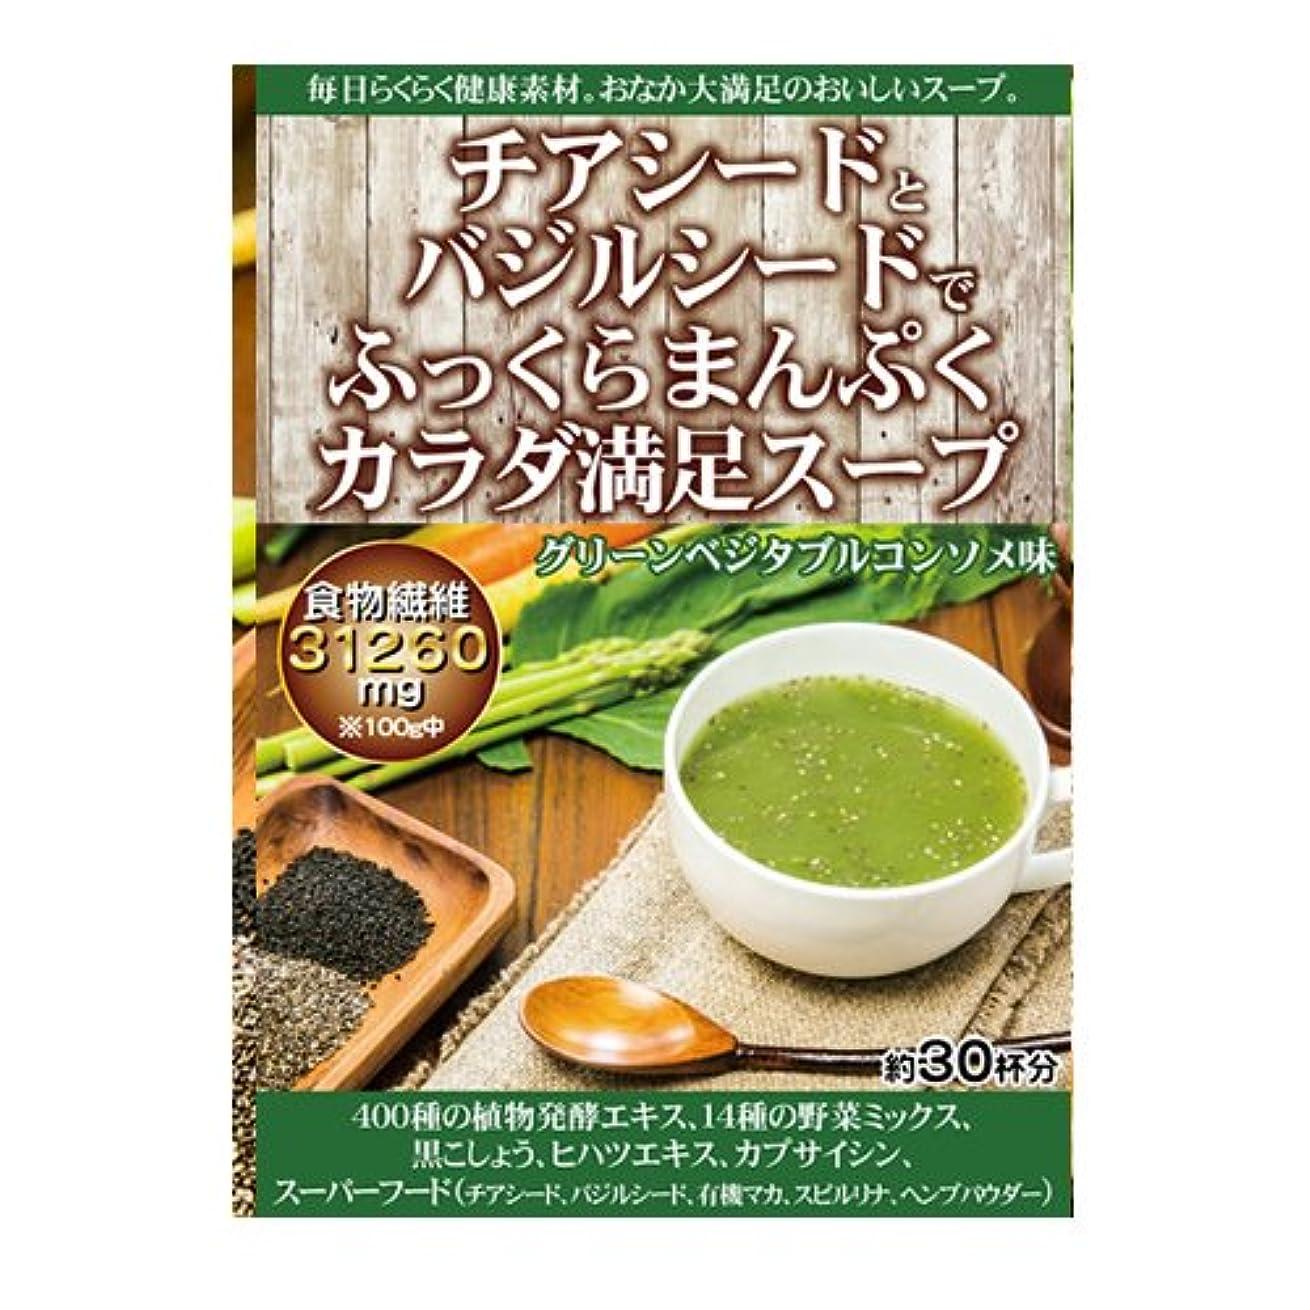 受粉する対処する女王チアシードとバジルシードでふっくらまんぷくカラダ満足スープ(グリーンベジタブルコンソメ味)